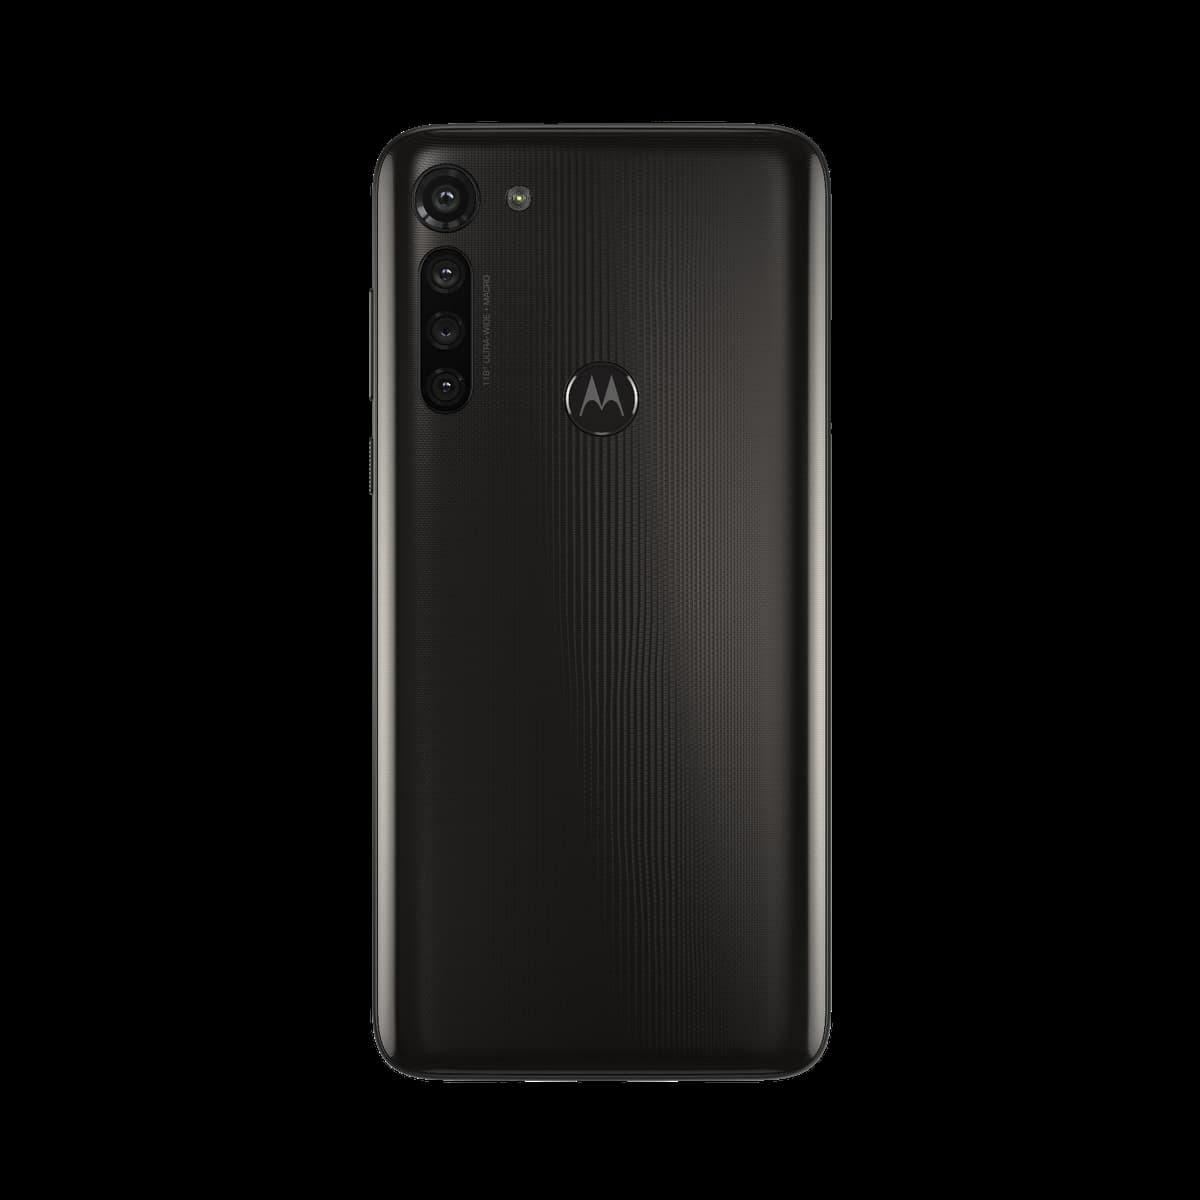 Motorola G8 Power Full Specifications